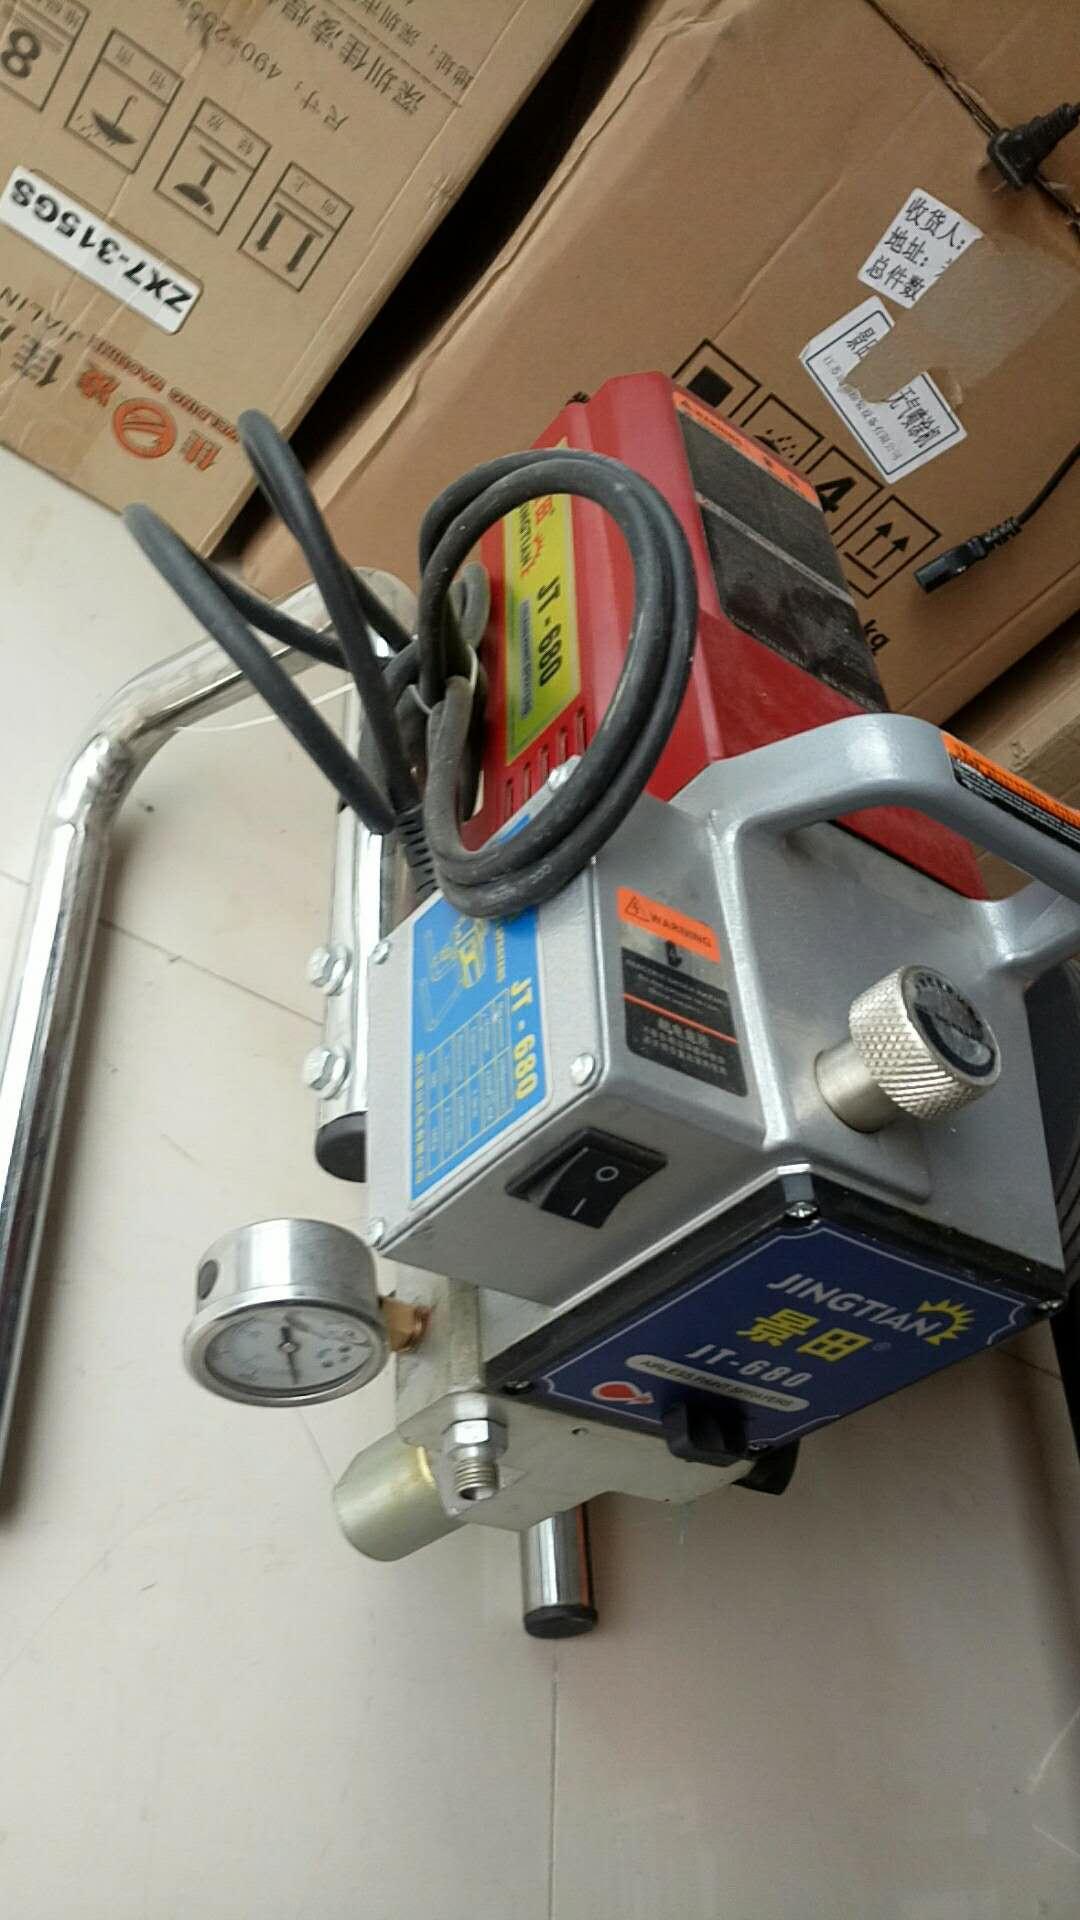 郑州电动喷涂机报价-河南具有口碑的电动喷涂机厂家推荐